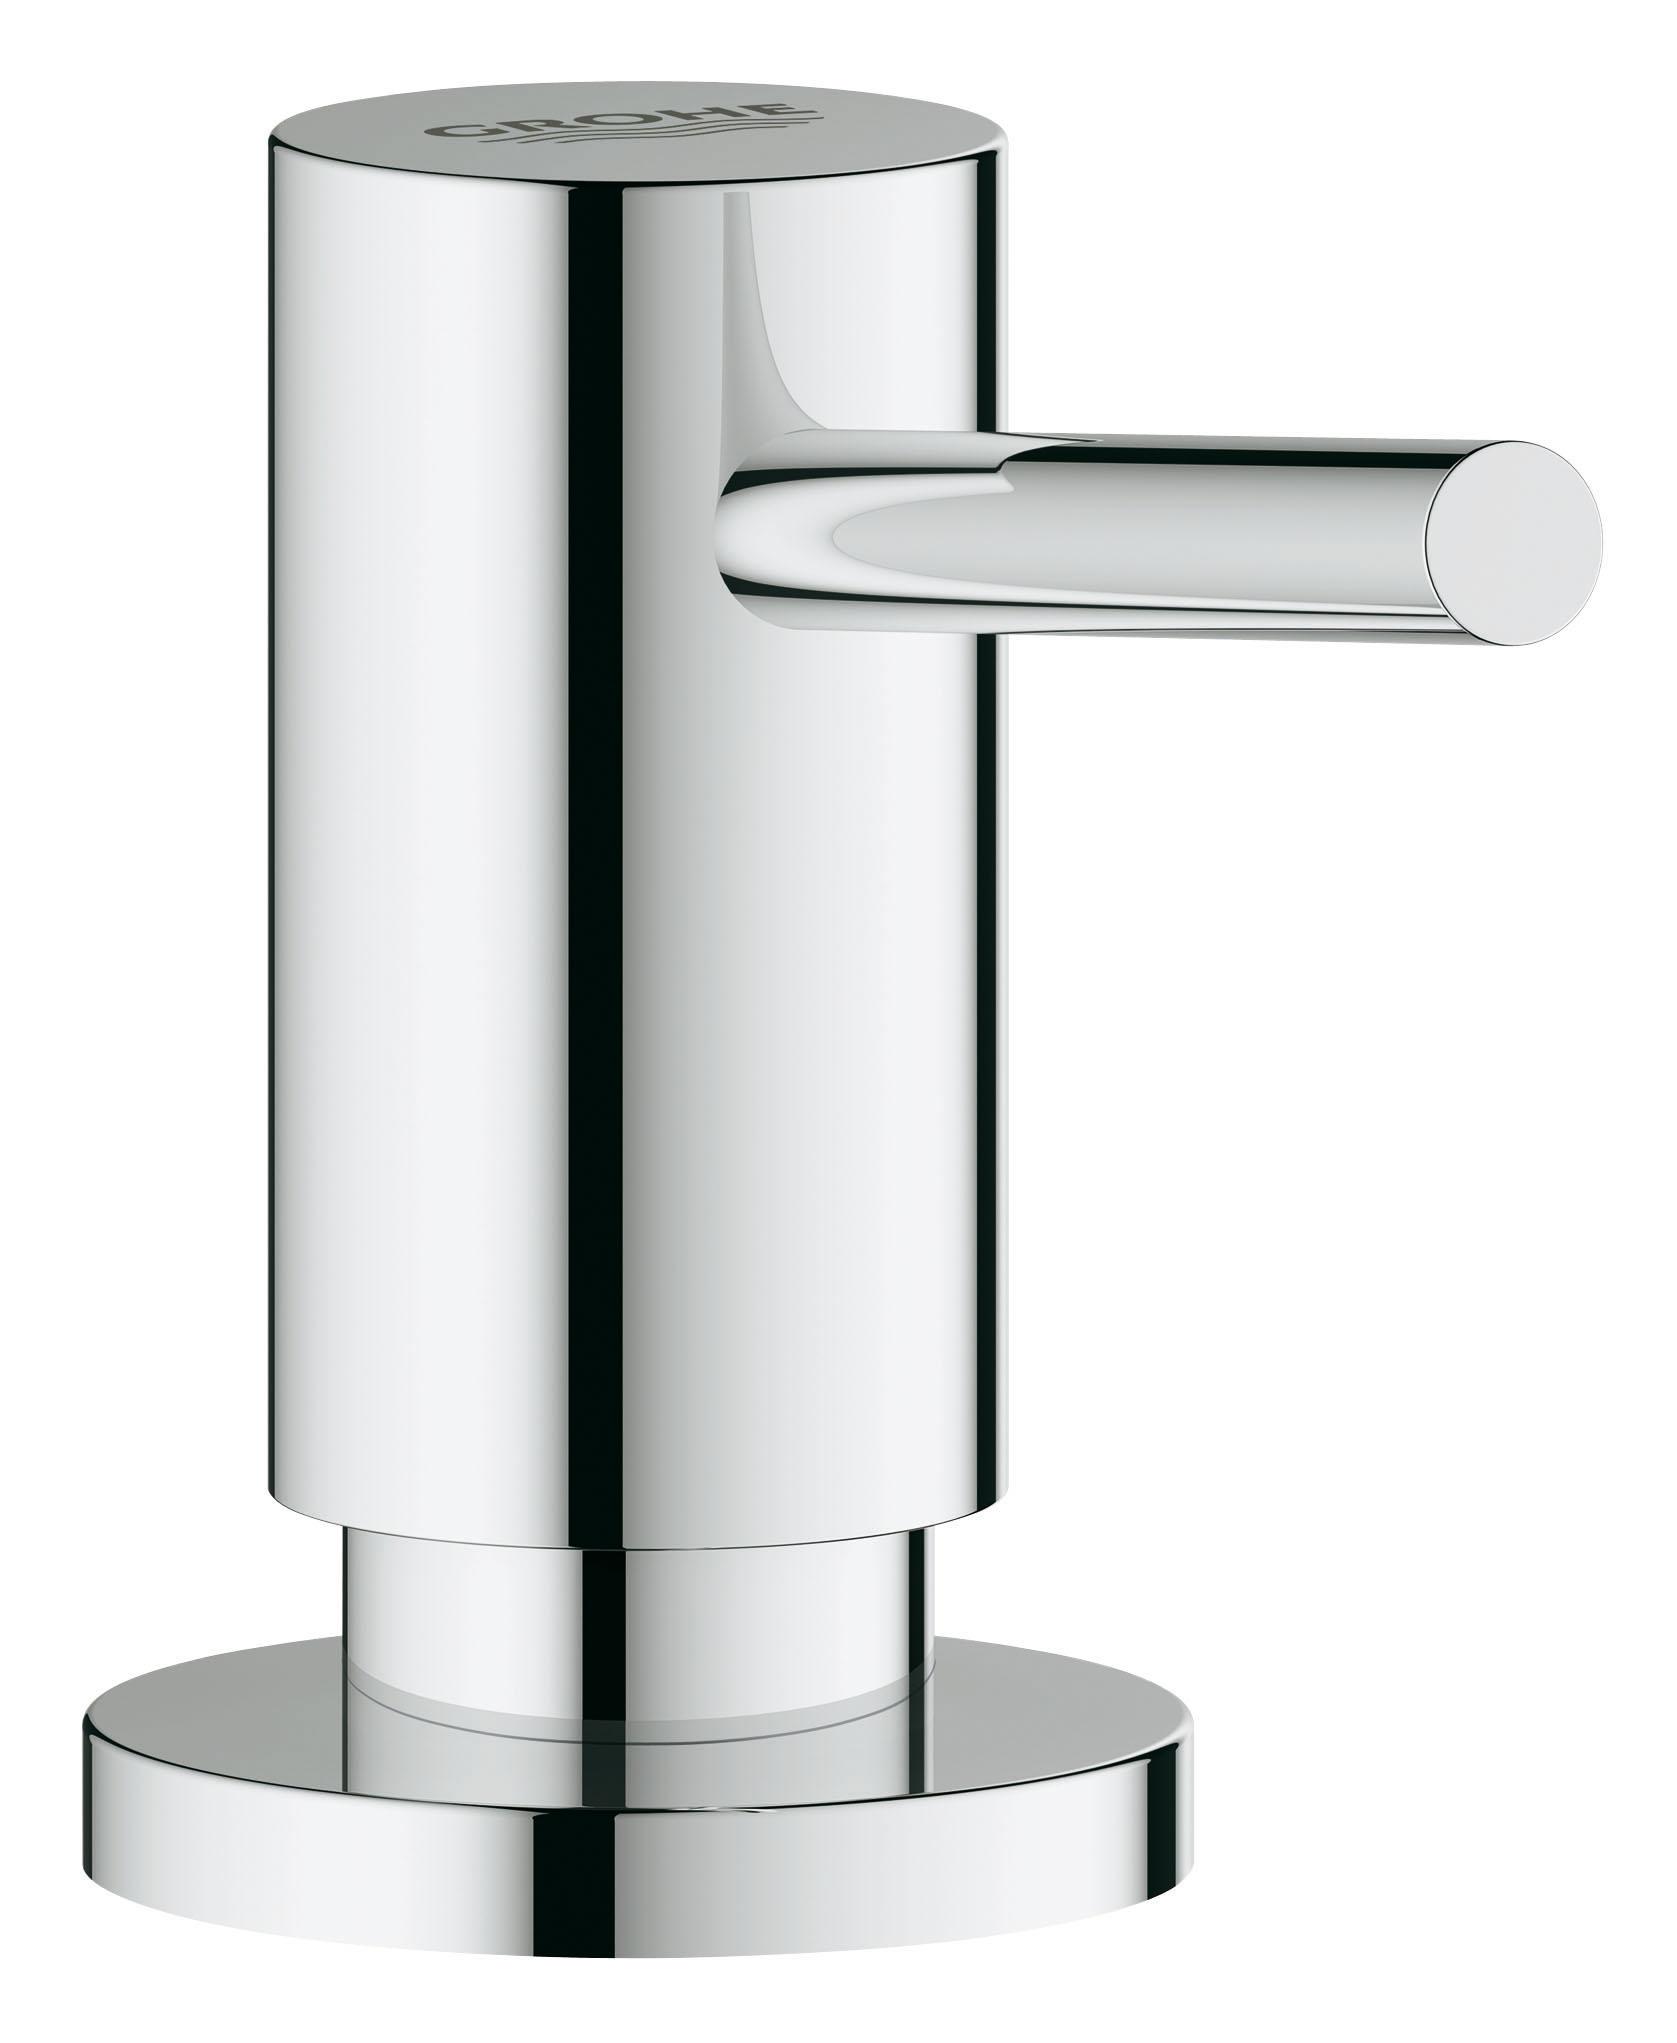 Дозатор жидкого мыла GROHE. 40535000106-029Для жидкого мыла,Запасная емкость 0,4 лGROHE StarLight хромированная поверхность